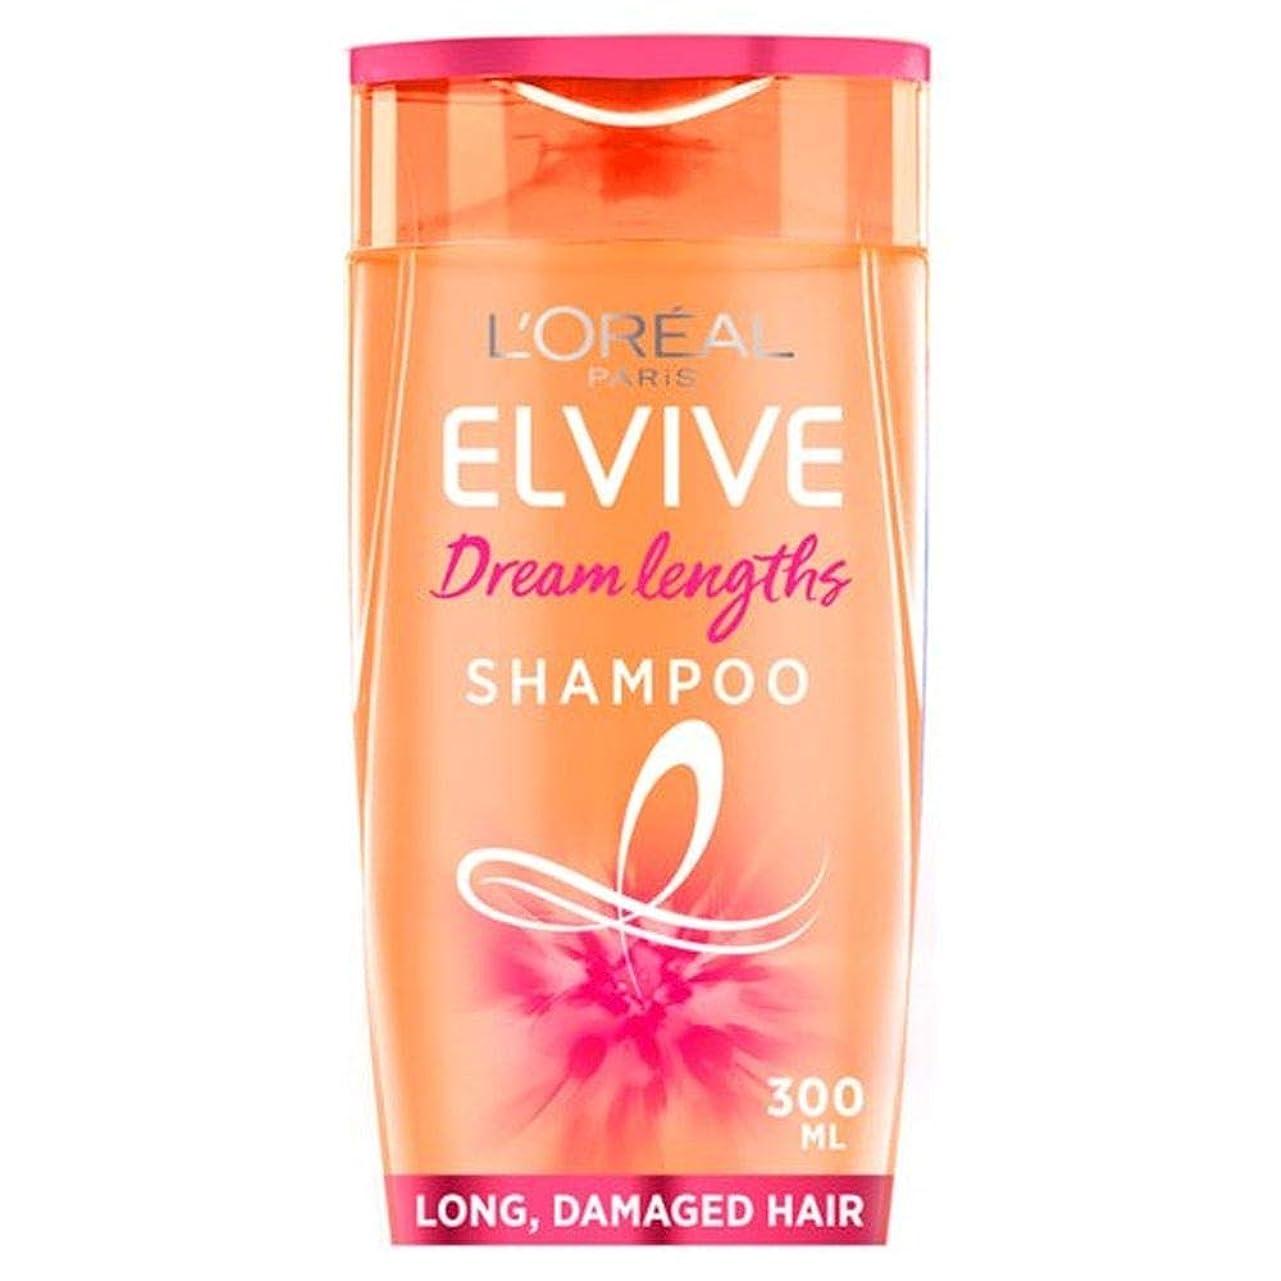 衛星乳白色未接続[Elvive] ロレアルはElvive長さのヘアシャンプー300ミリリットルの夢 - L'oreal Elvive Dream Lengths Hair Shampoo 300Ml [並行輸入品]